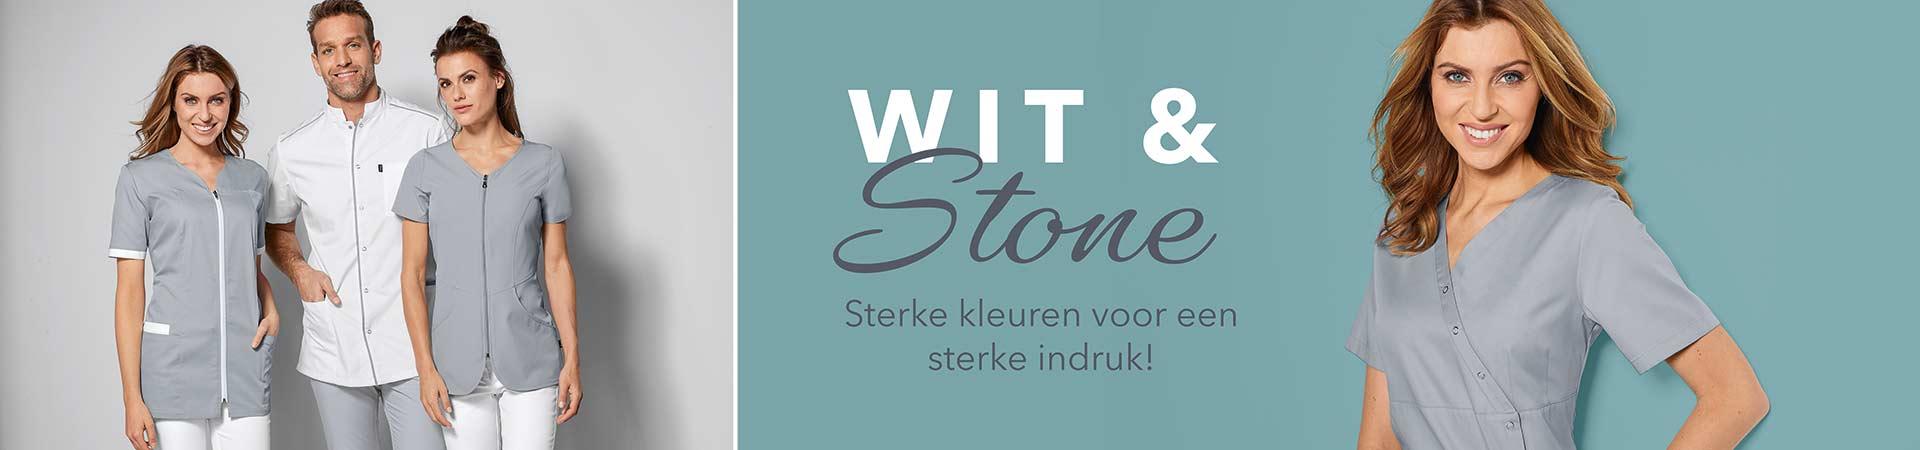 Trendkleuren wit & stone